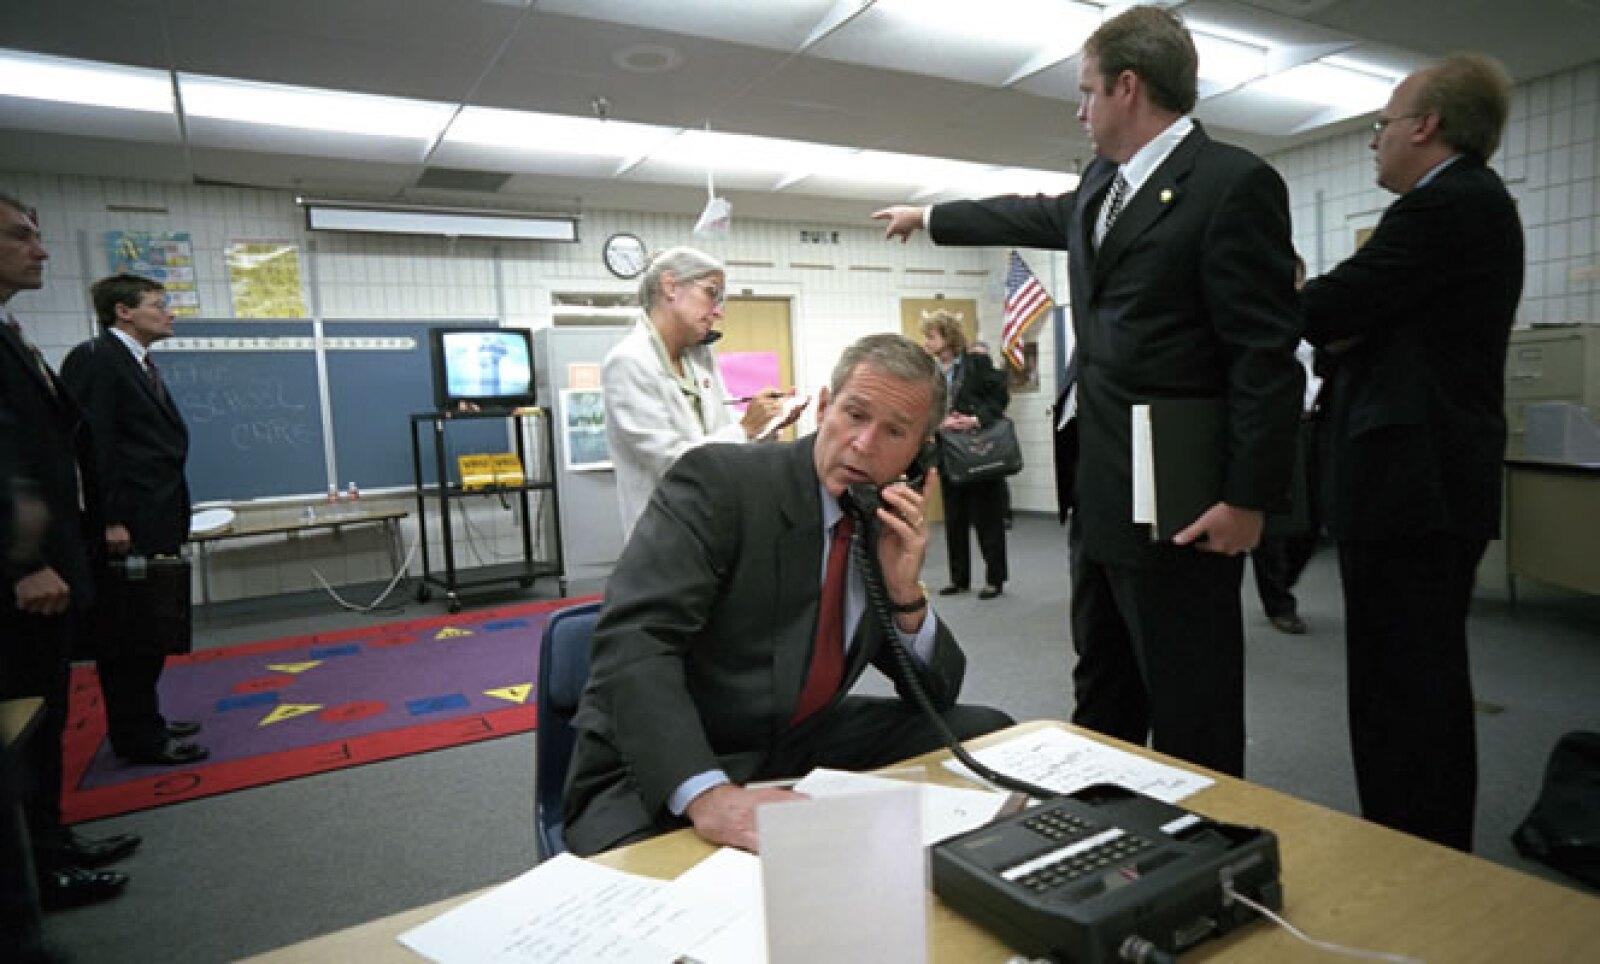 El entonces presidente de Estados Unidos, George W. Bush, habla desde una oficina de la Casa Blanca, para organizar a equipos y atender la crisis de seguridad nacional que se desató.